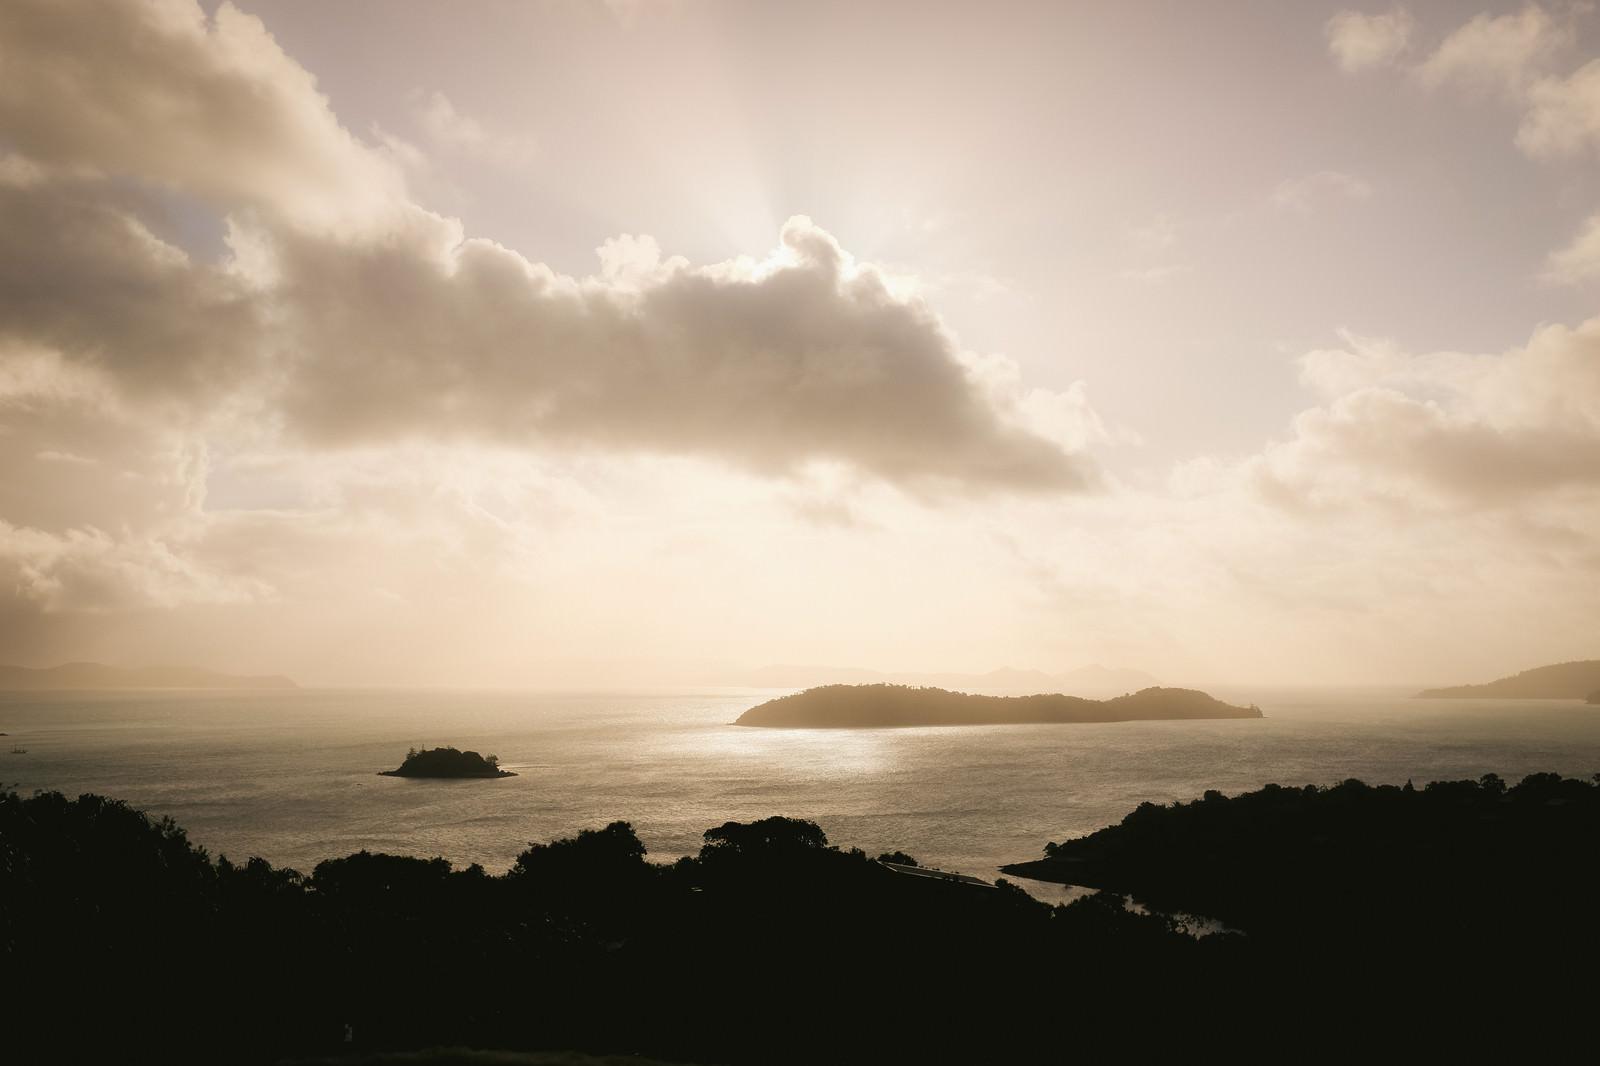 「夕暮れ時の空と海」の写真